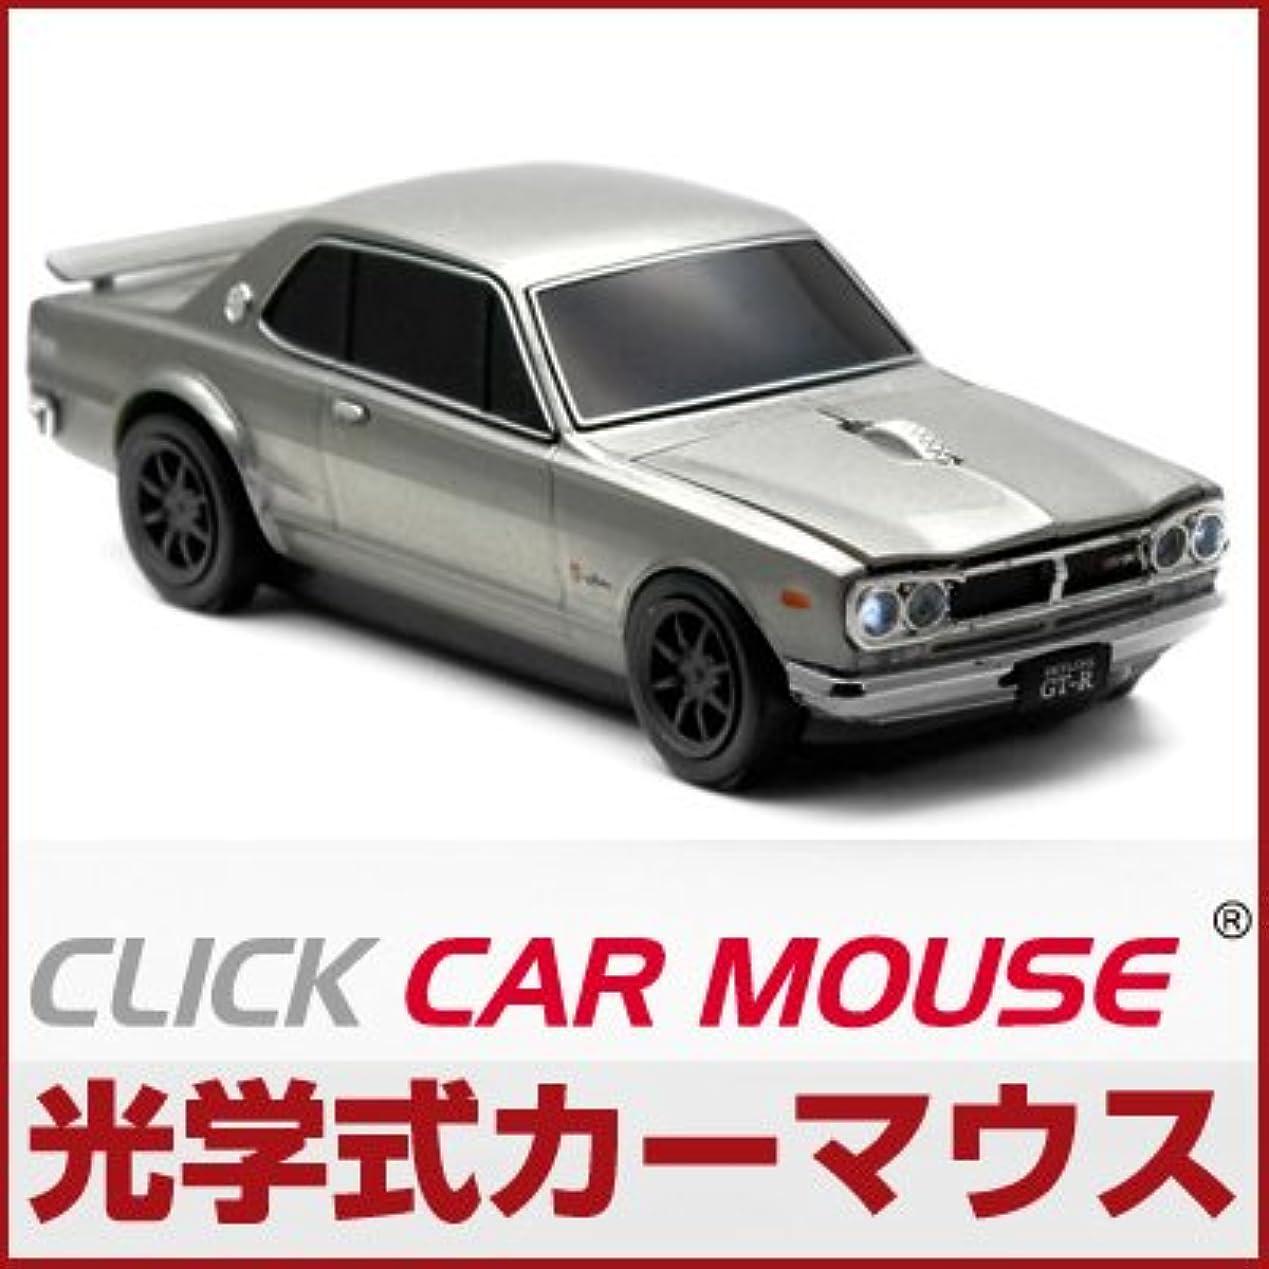 もう一度オレンジ母性CLICK CAR MOUSE クリックカーマウス 日産スカイライン Nissan Skyline GT-R シルバー 車型マウス 光学式ワイヤレスマウス